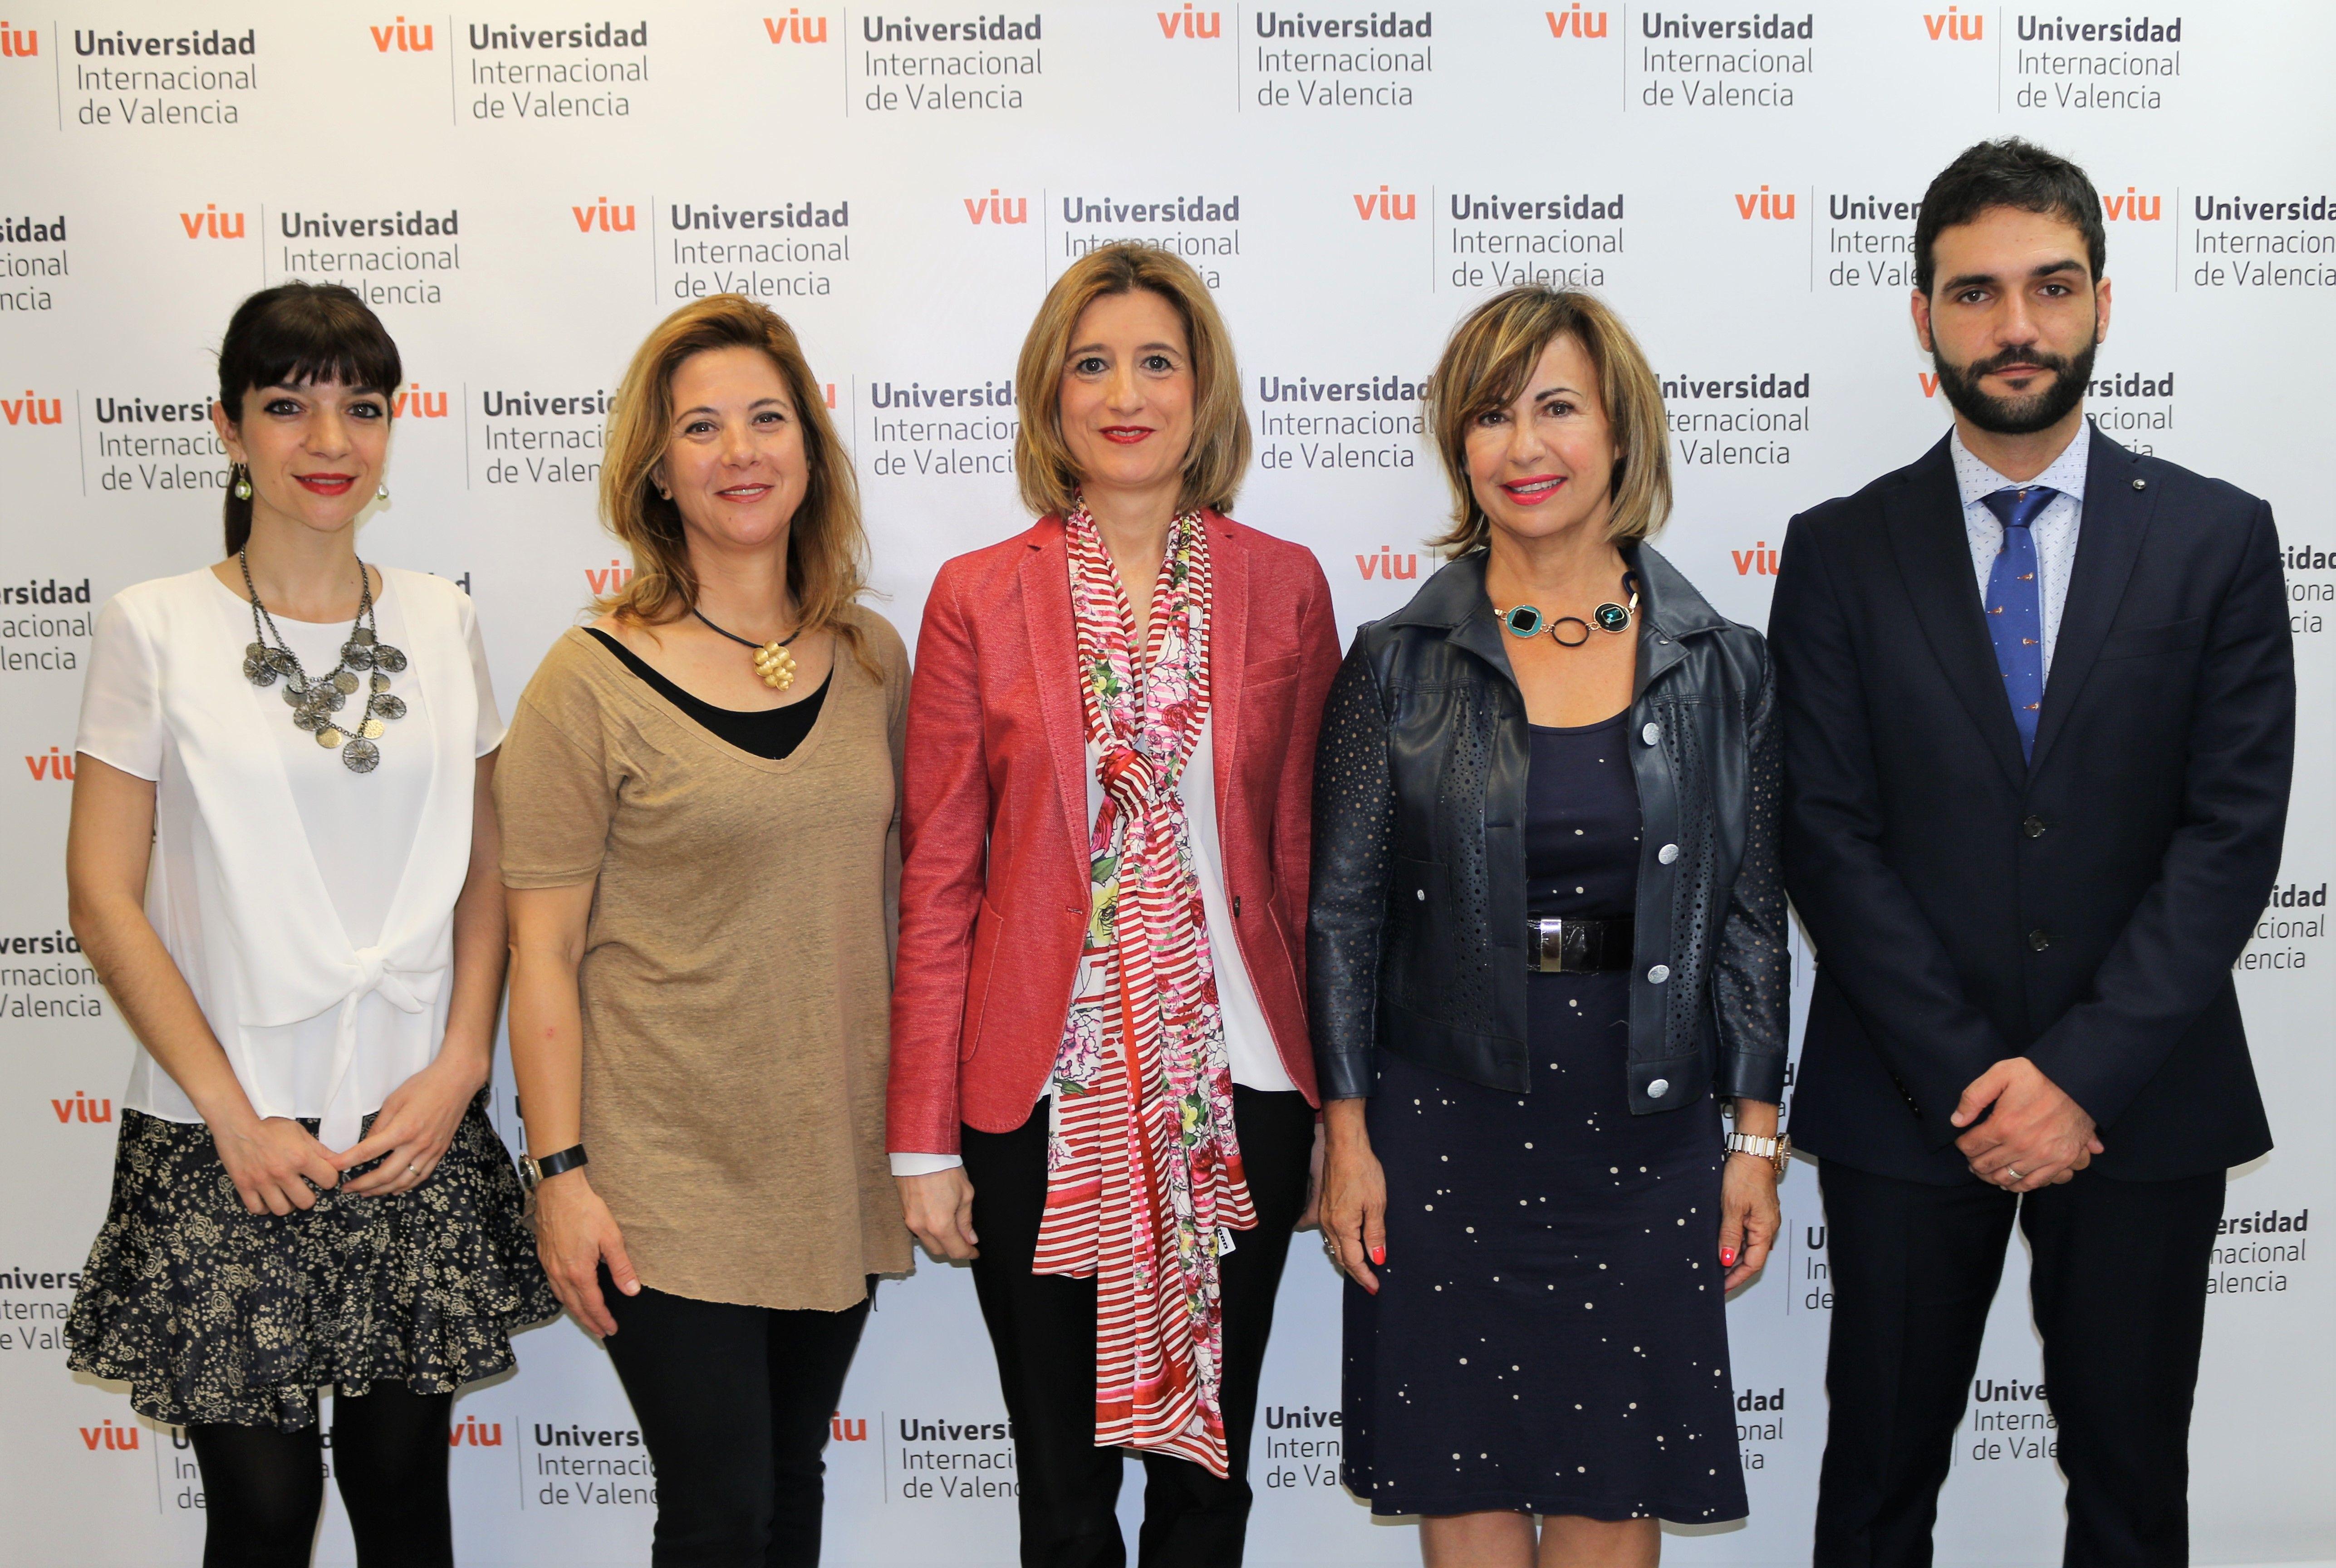 FEDELE firma un convenio con la Universidad Internacional de Valencia